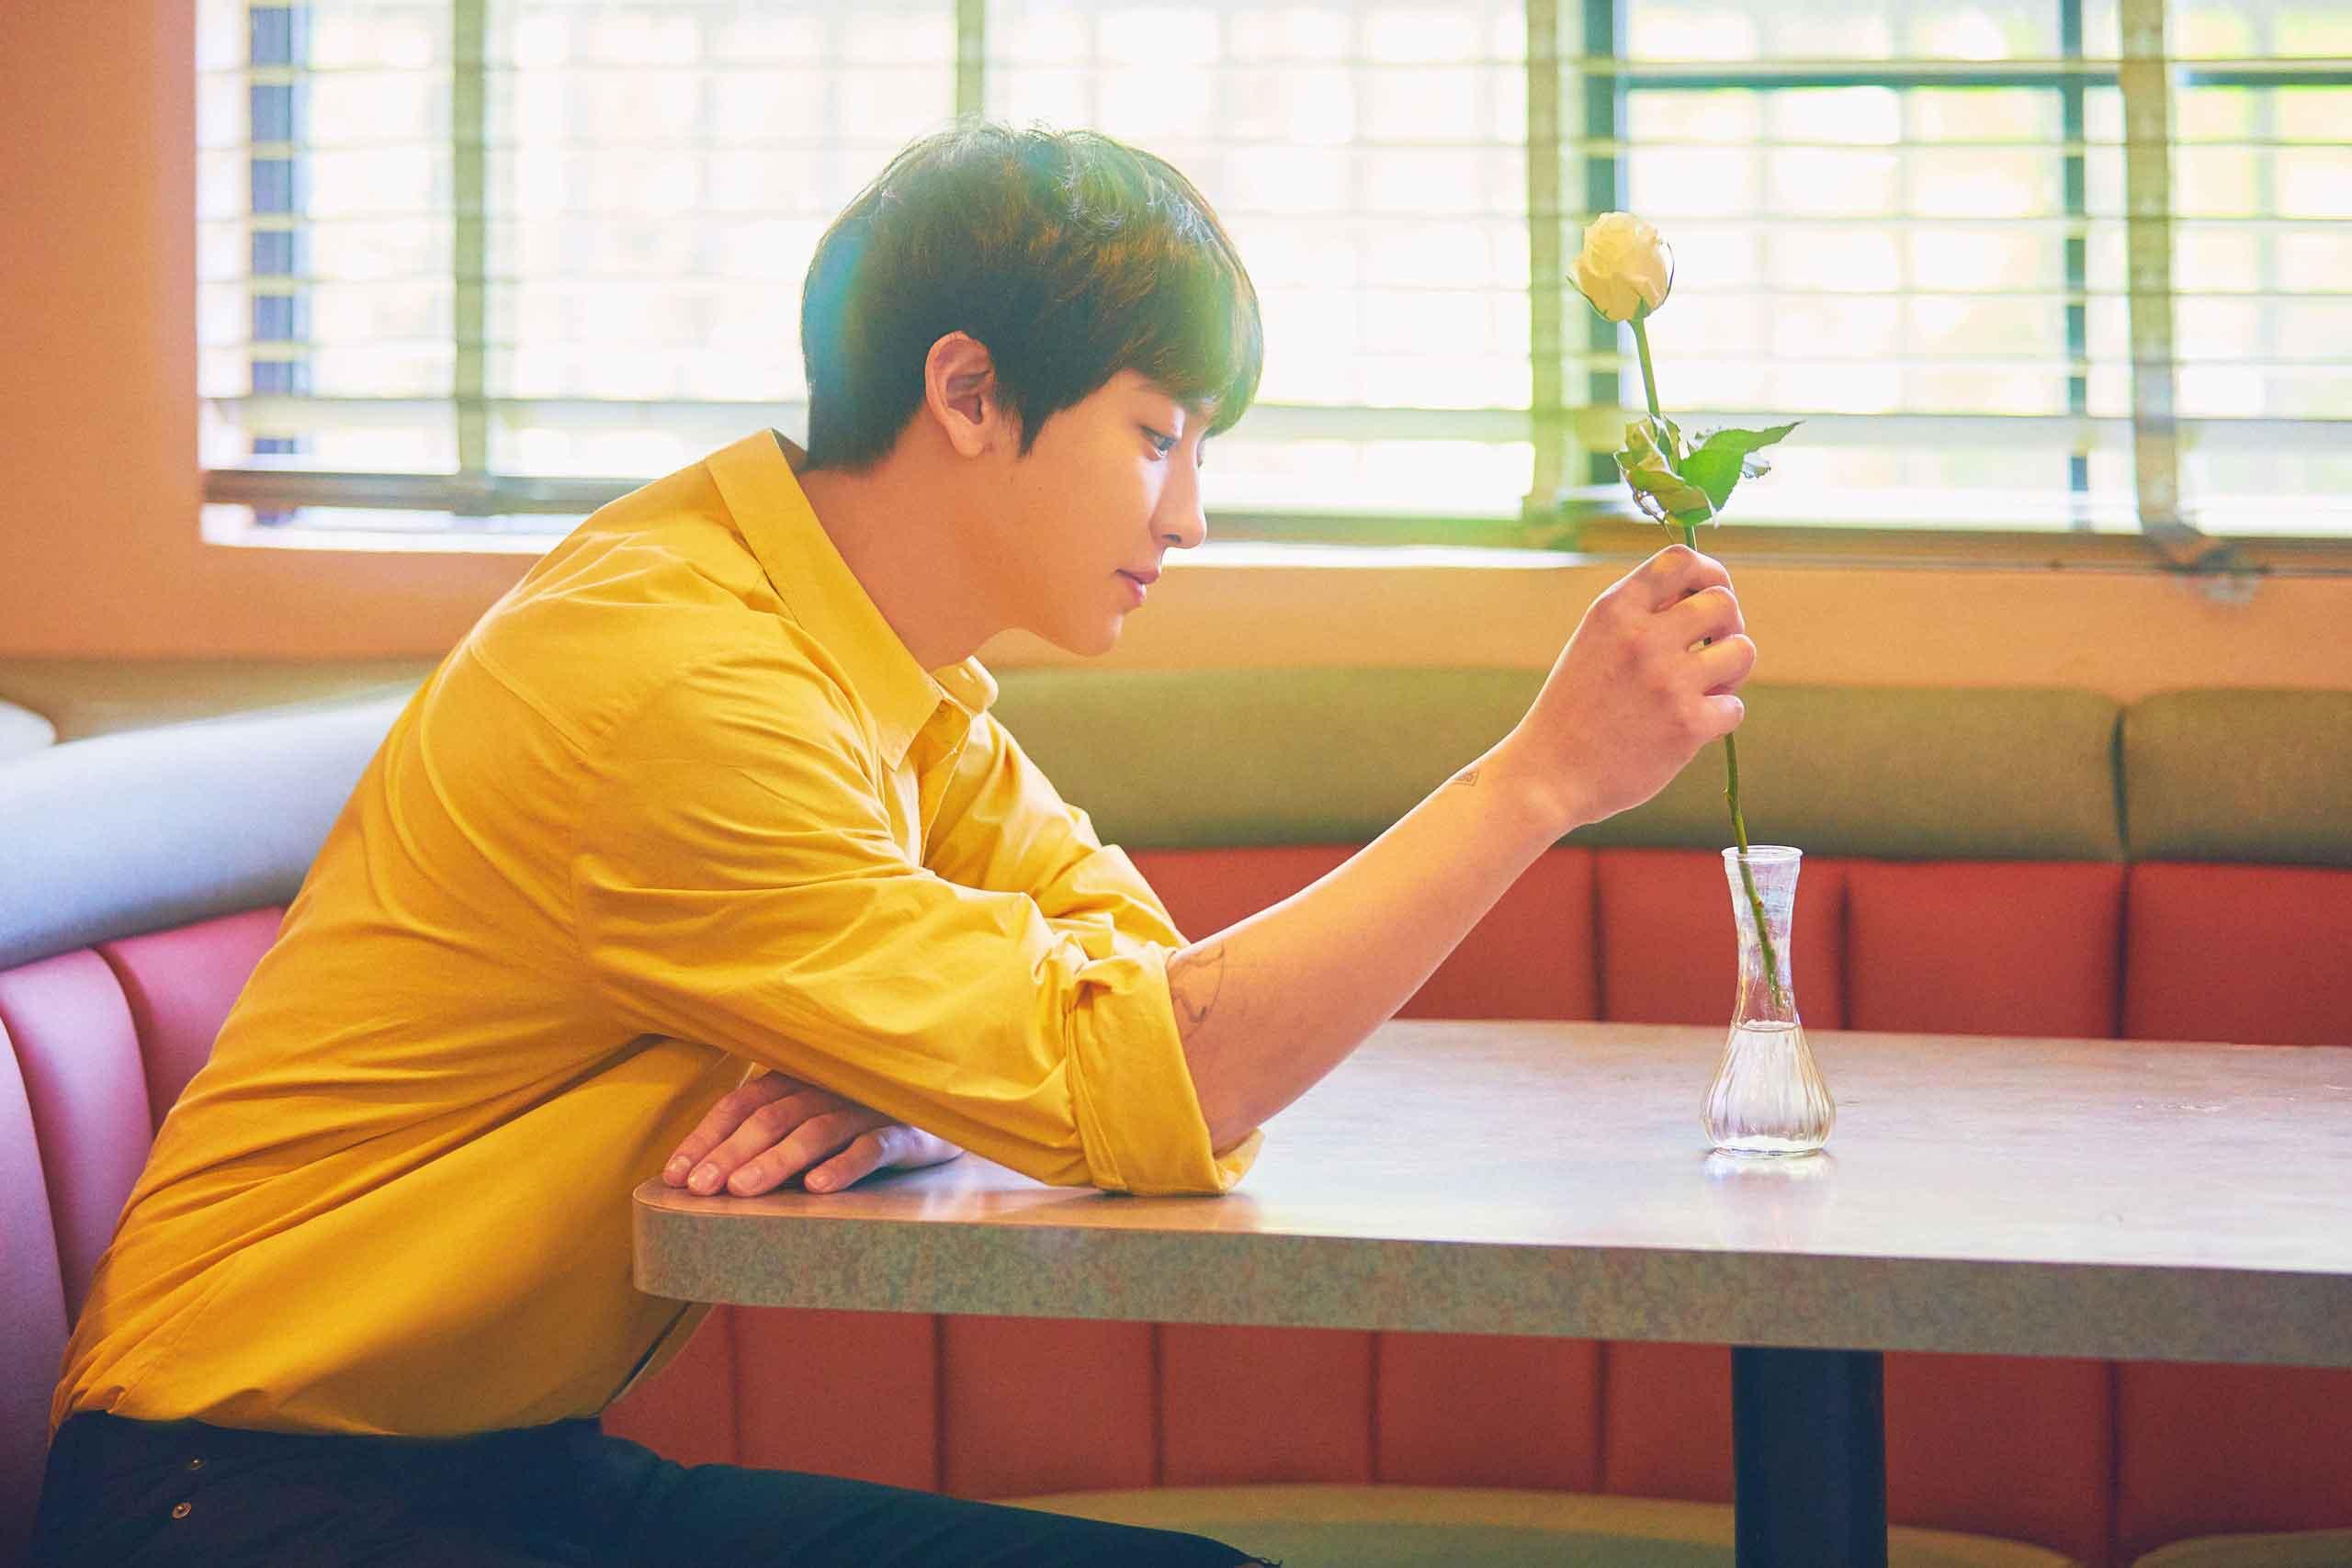 Чанёль из EXO споет свой сольный сингл на трех языках